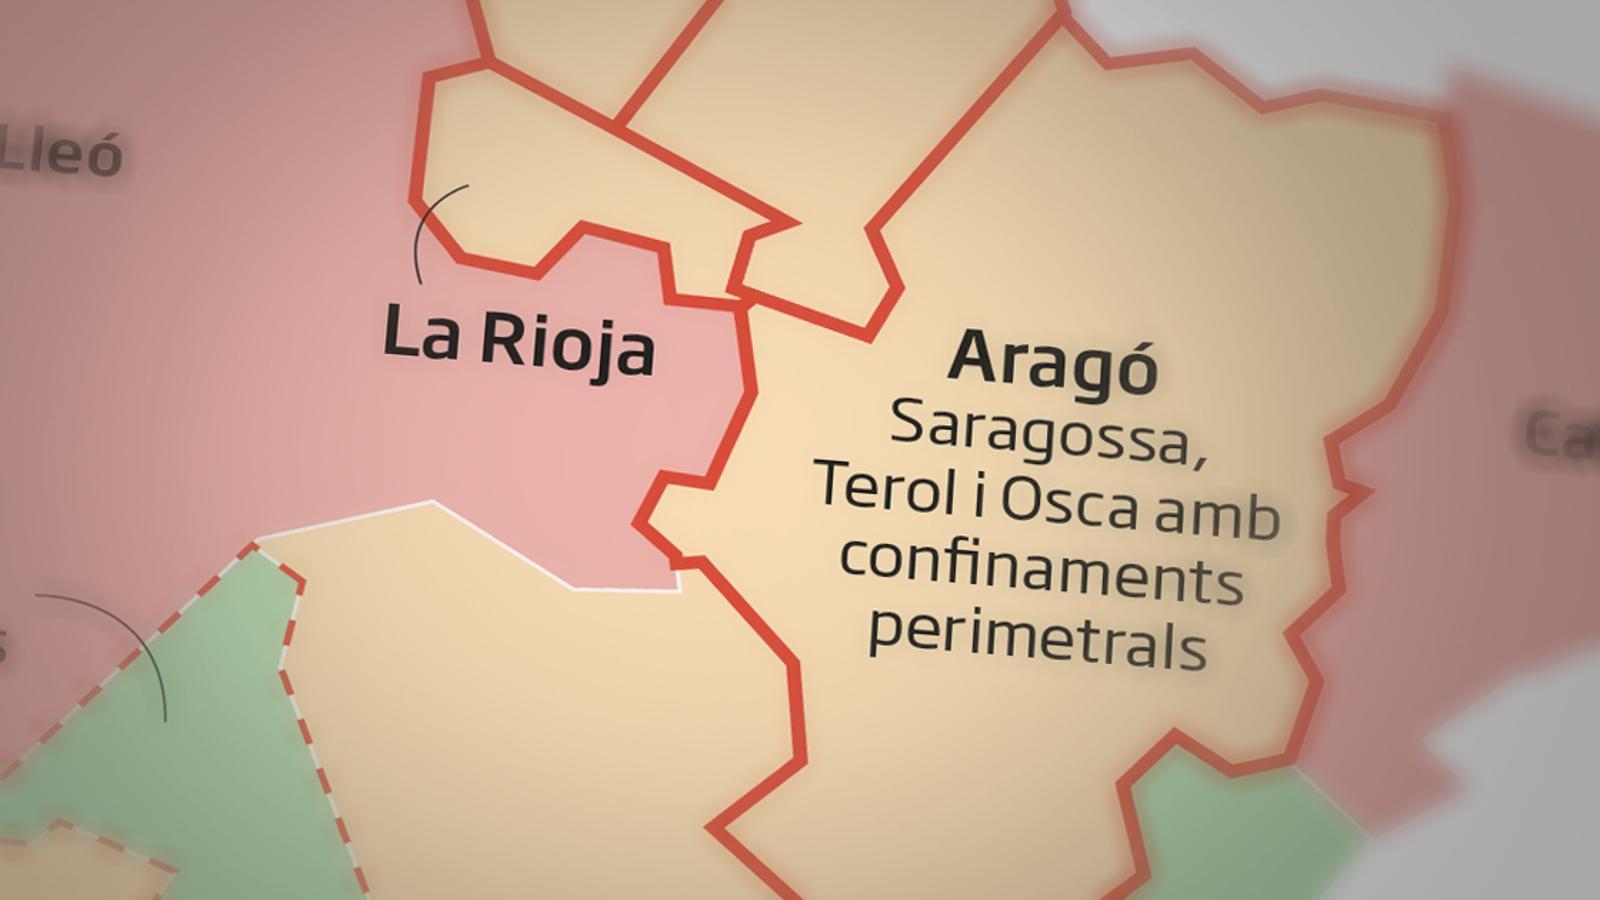 Cinc comunitats autònomes es blinden amb tancaments perimetrals